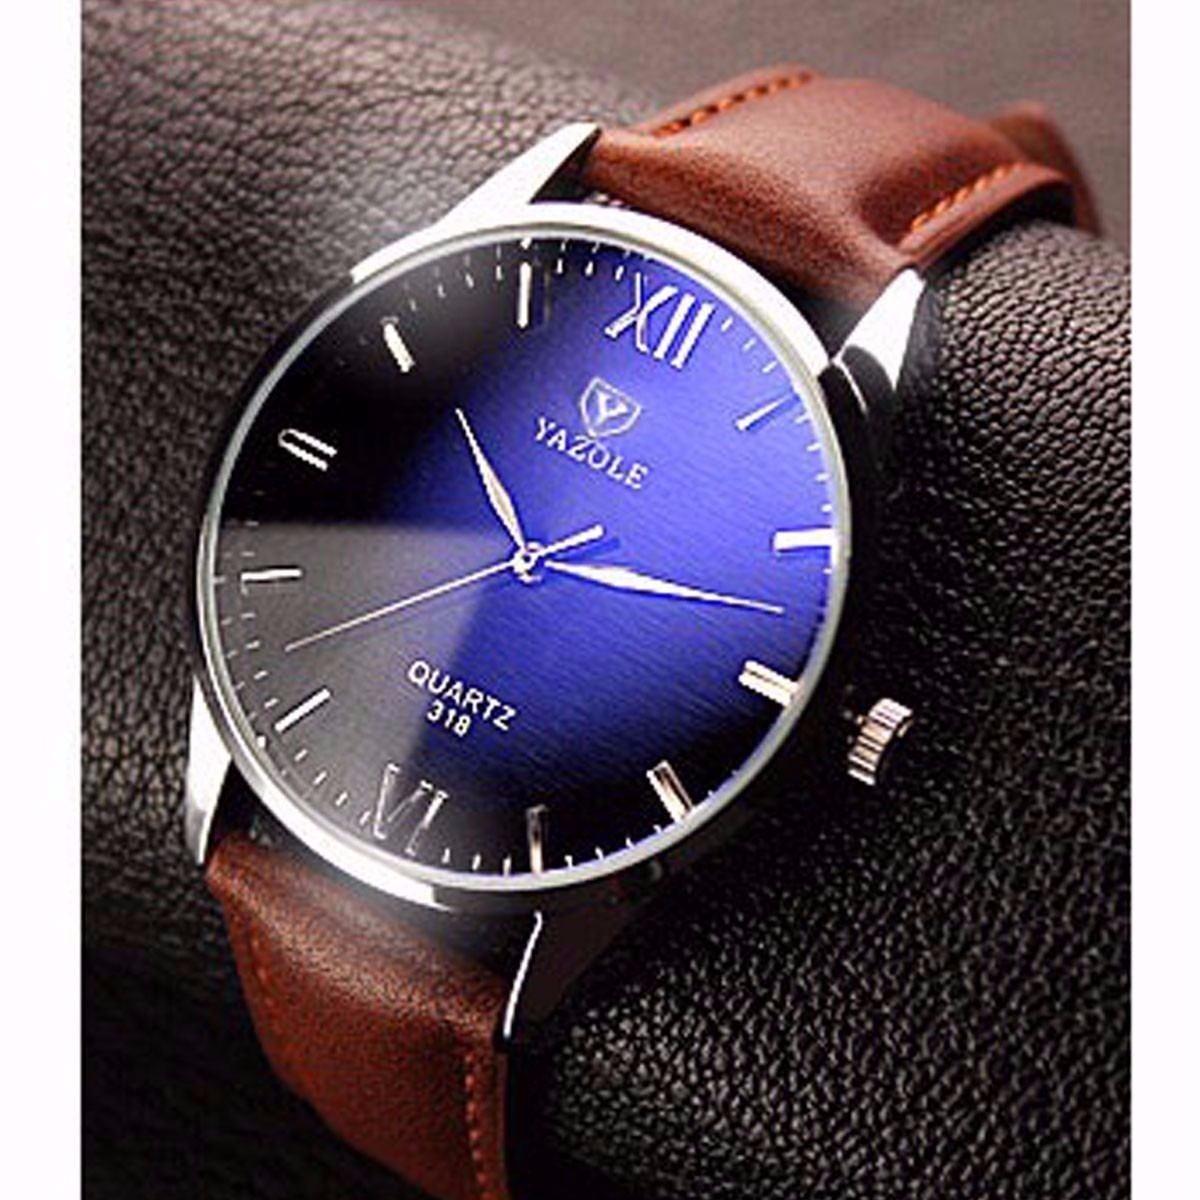 6c8e1325fa1 relógio masculino yazole luxo - marrom - cod 318. Carregando zoom.